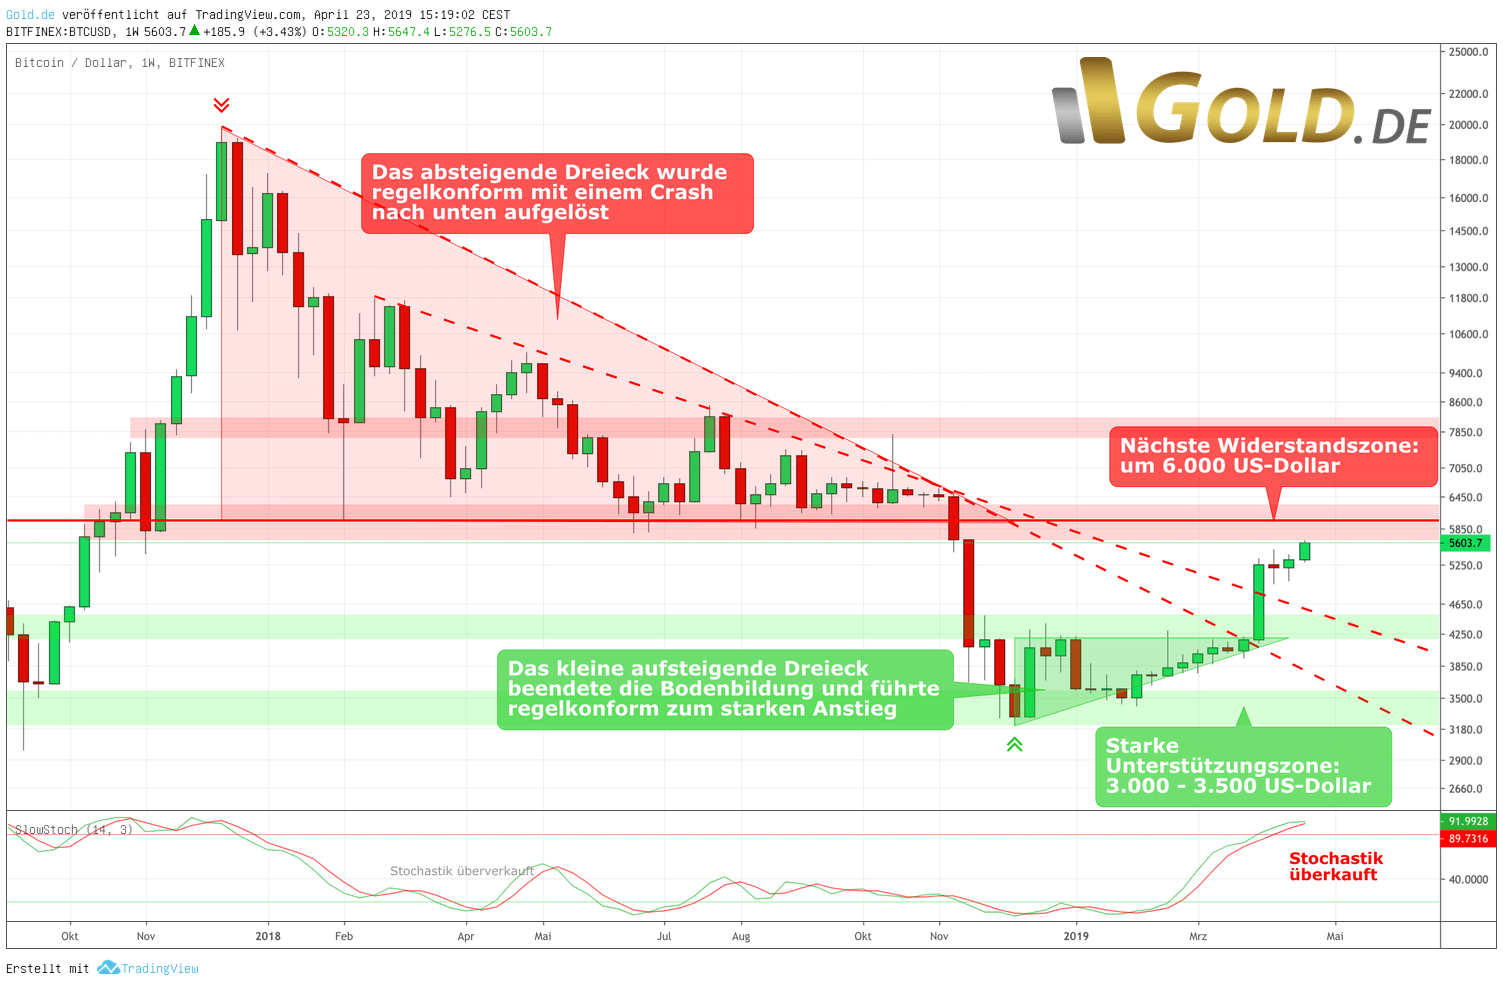 Wochenchart Bitcoin – überkauft, knapp unterhalb Widerstand um 6.000 US-Dollar